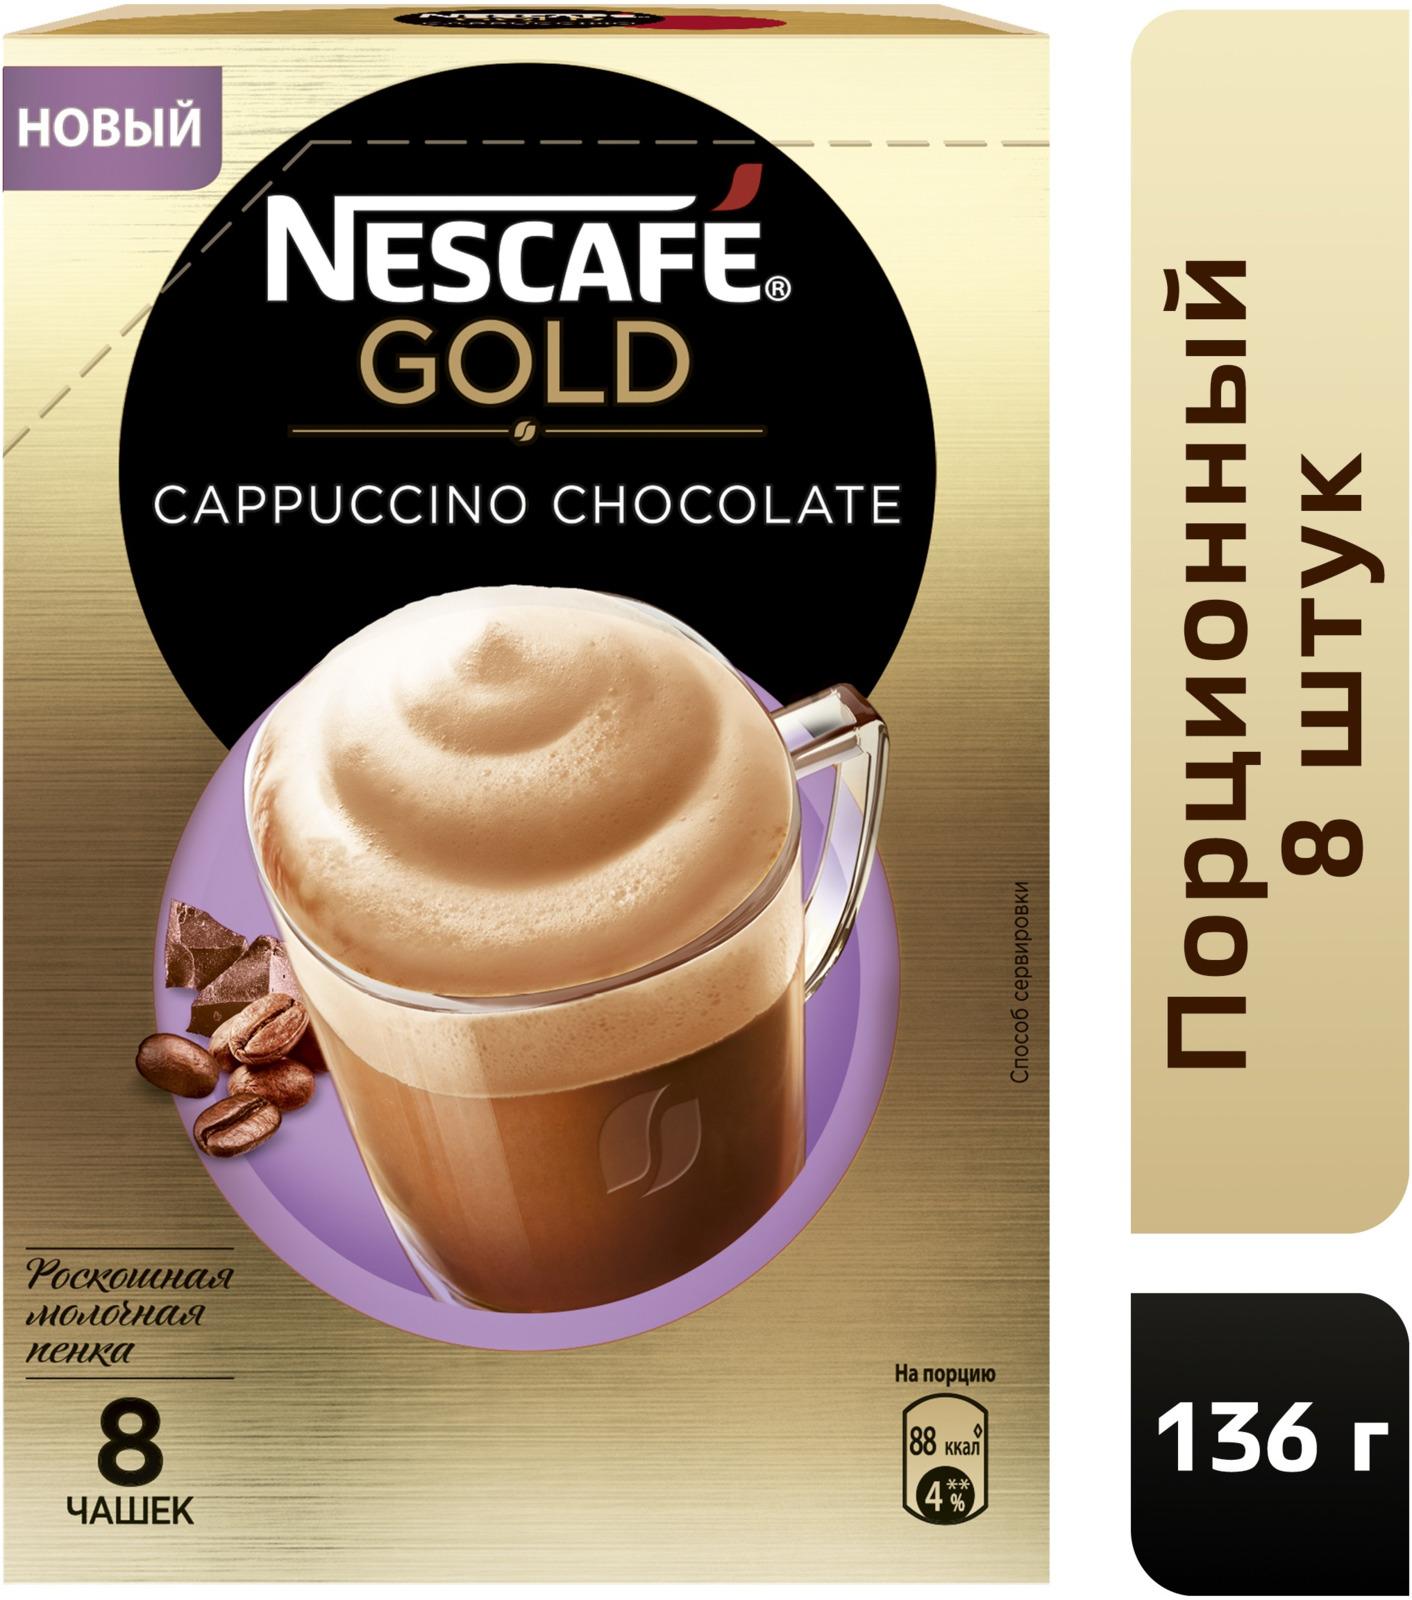 Nescafe Gold Cappuccino Chocolate Напиток кофейный растворимый шоколадный с молочной пенкой, 8 по 22 г